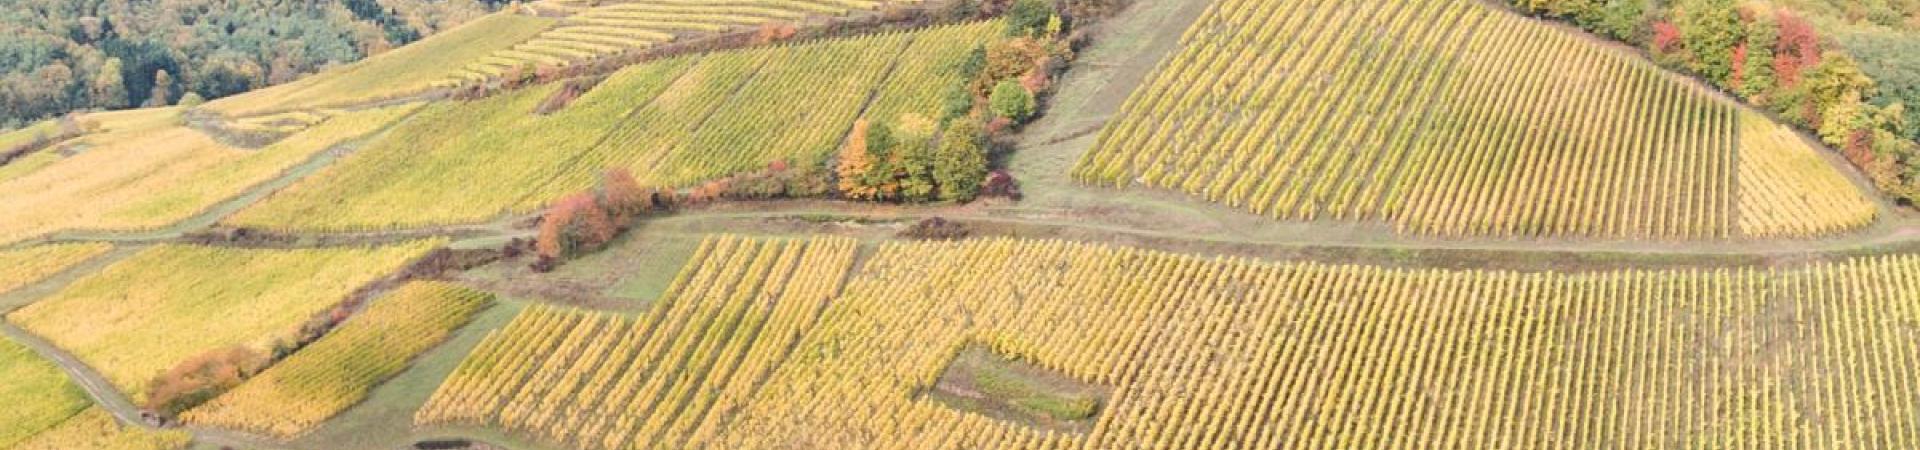 Panorama du domaine Schoenheitz